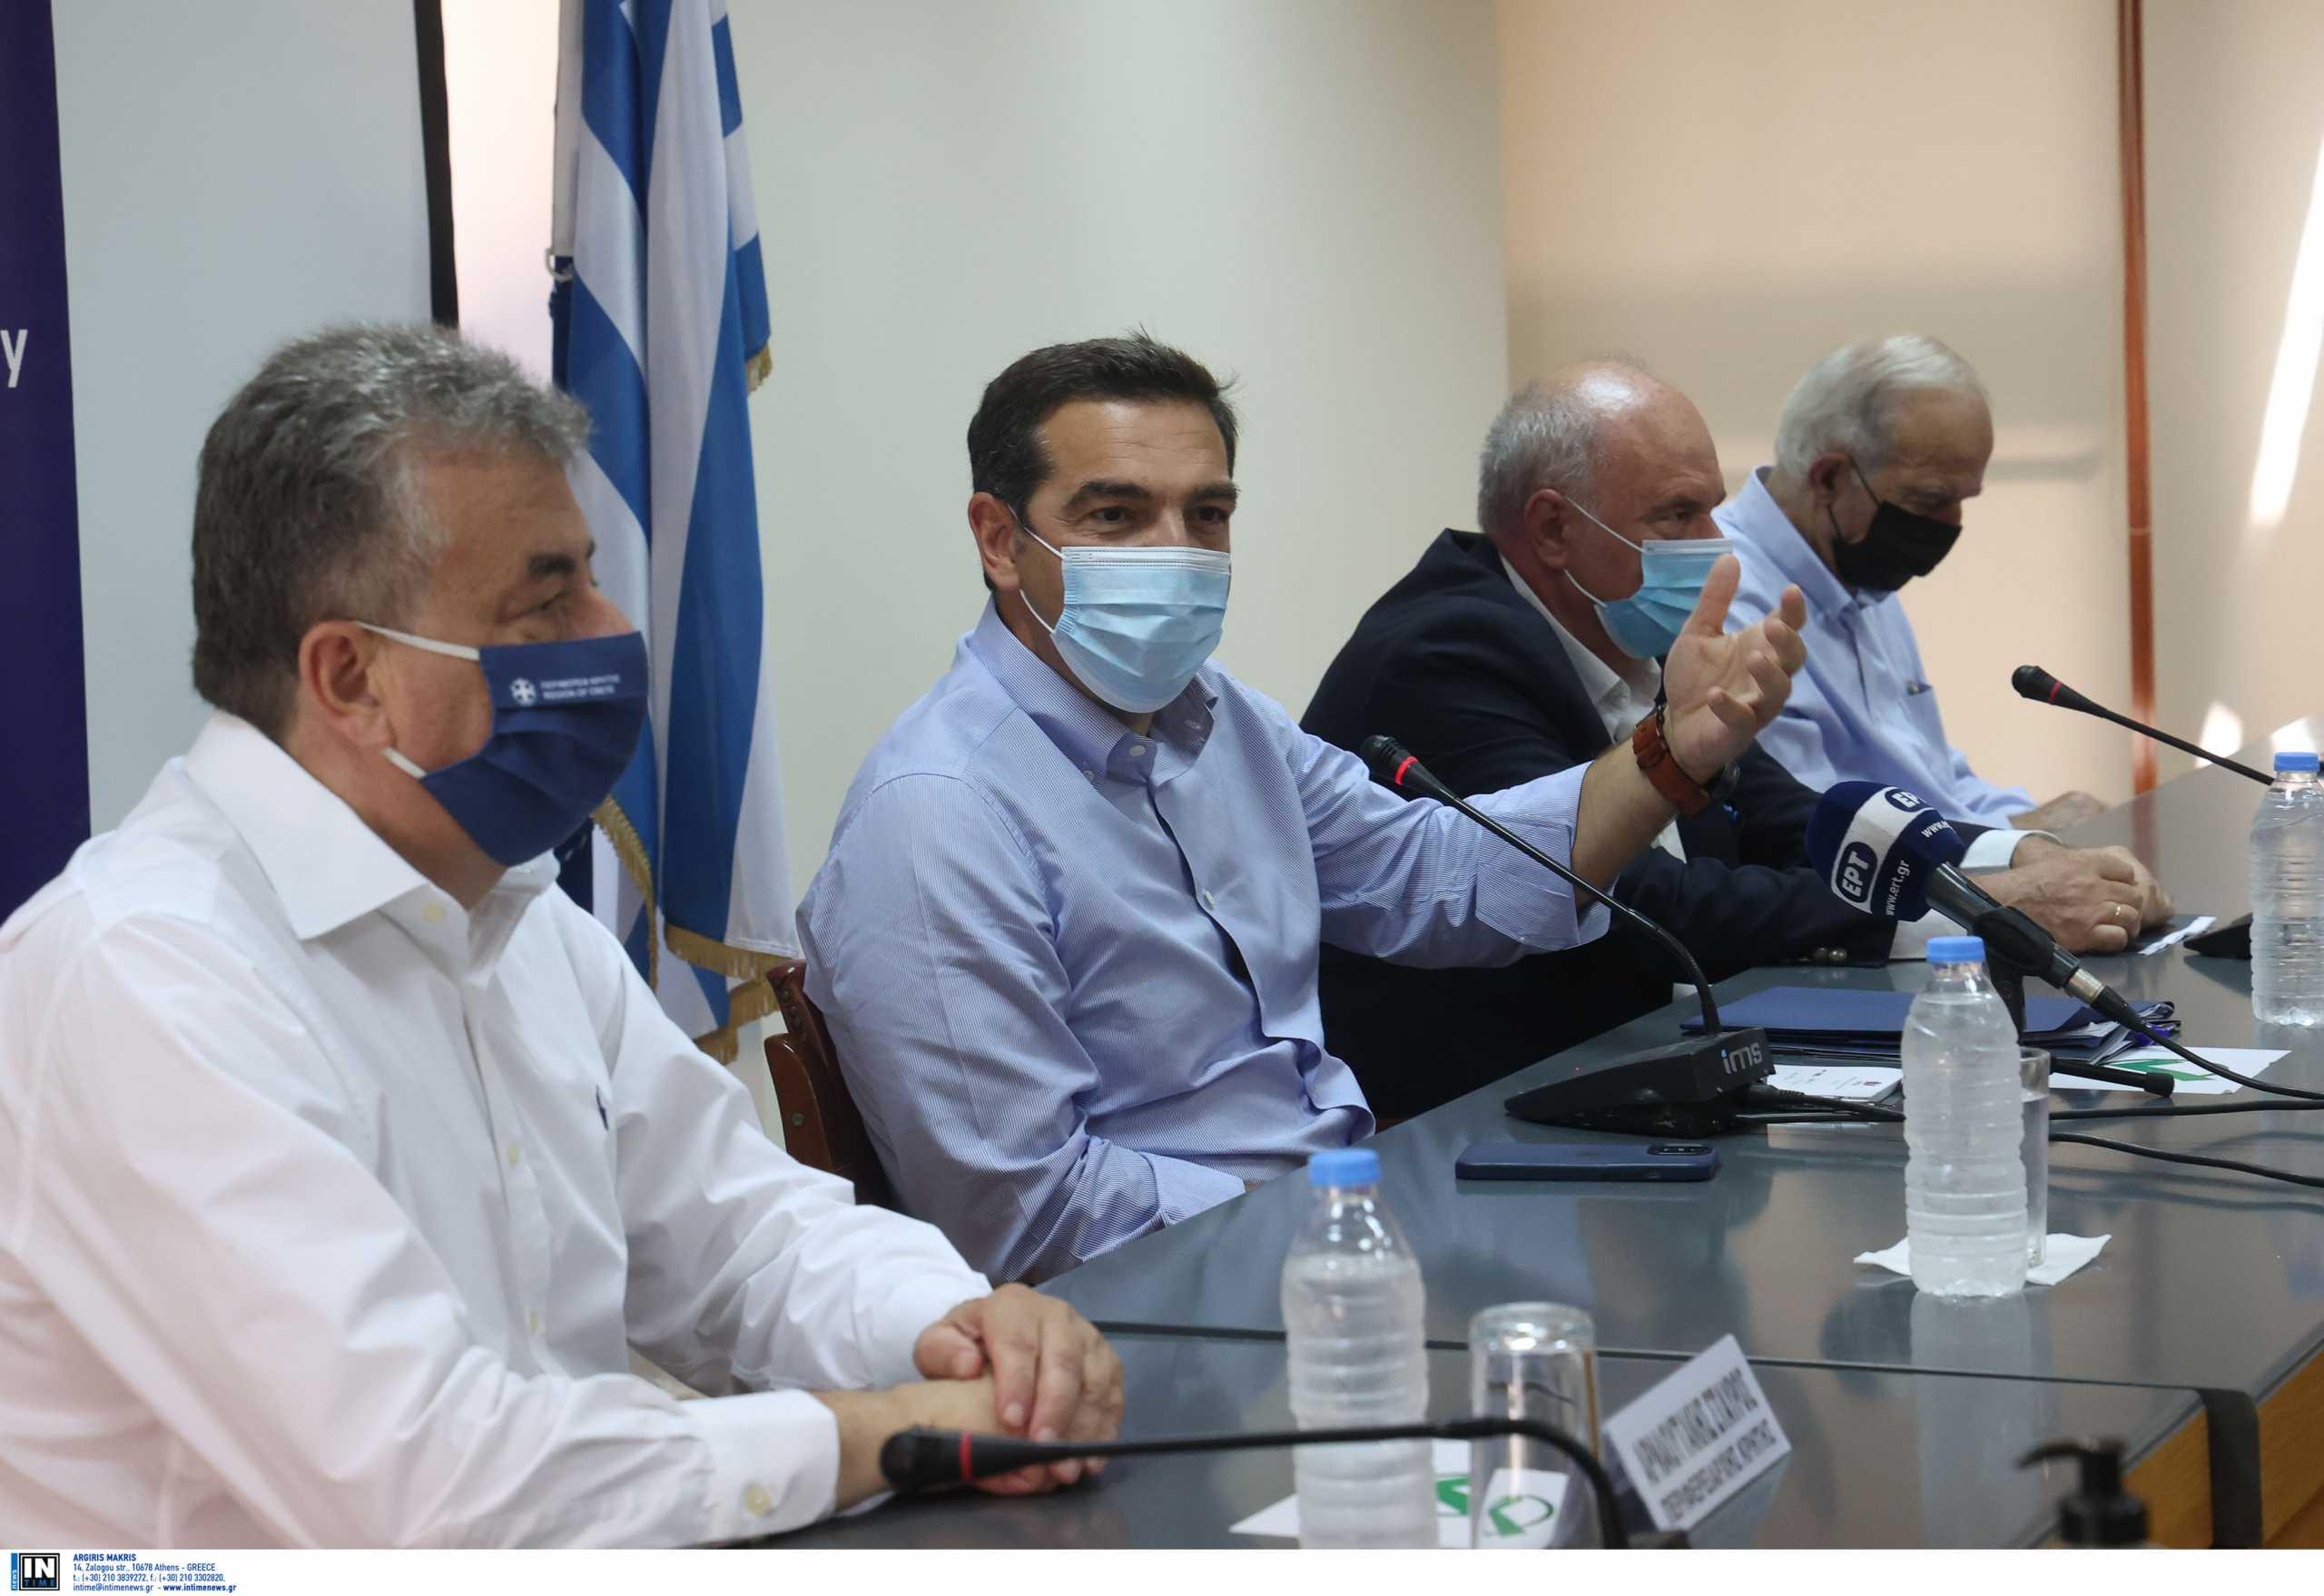 Αλέξης Τσίπρας:«Απαιτούνται μέτρα που θα προλάβουν την επιδείνωση και την έκρηξη της πανδημίας»